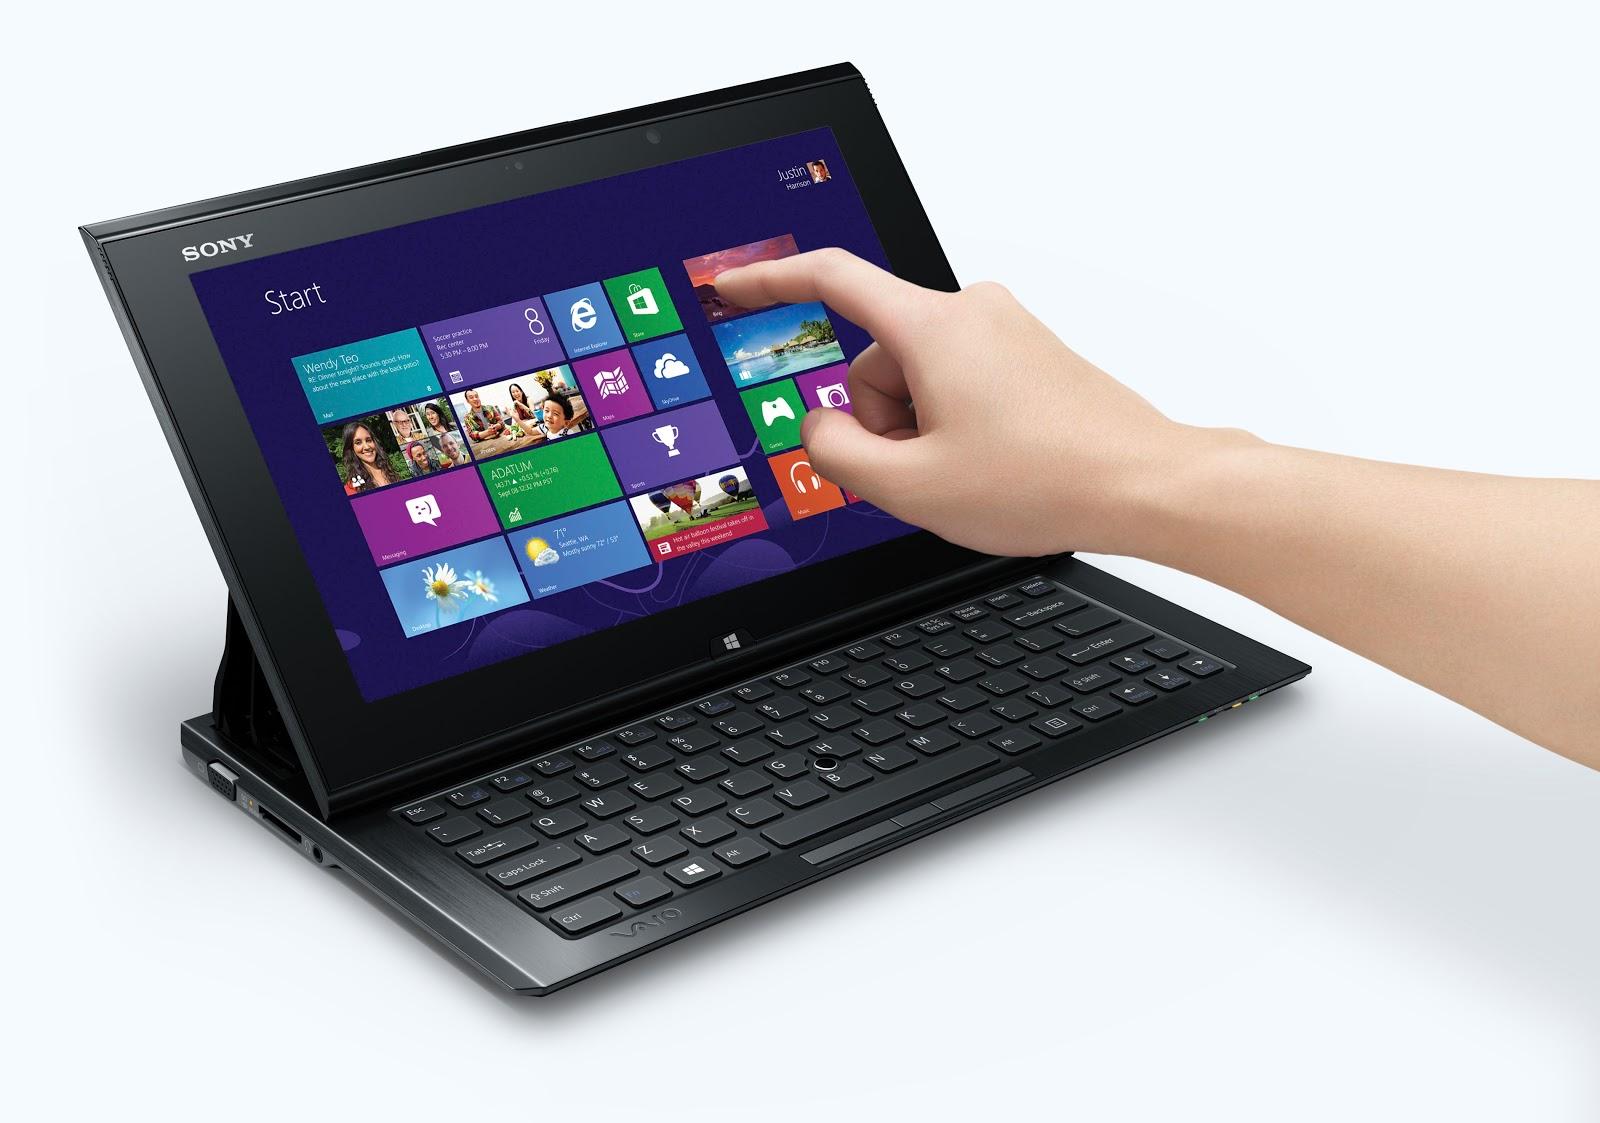 Sony Vaio Duo 11 Tablet Svd11216pgb